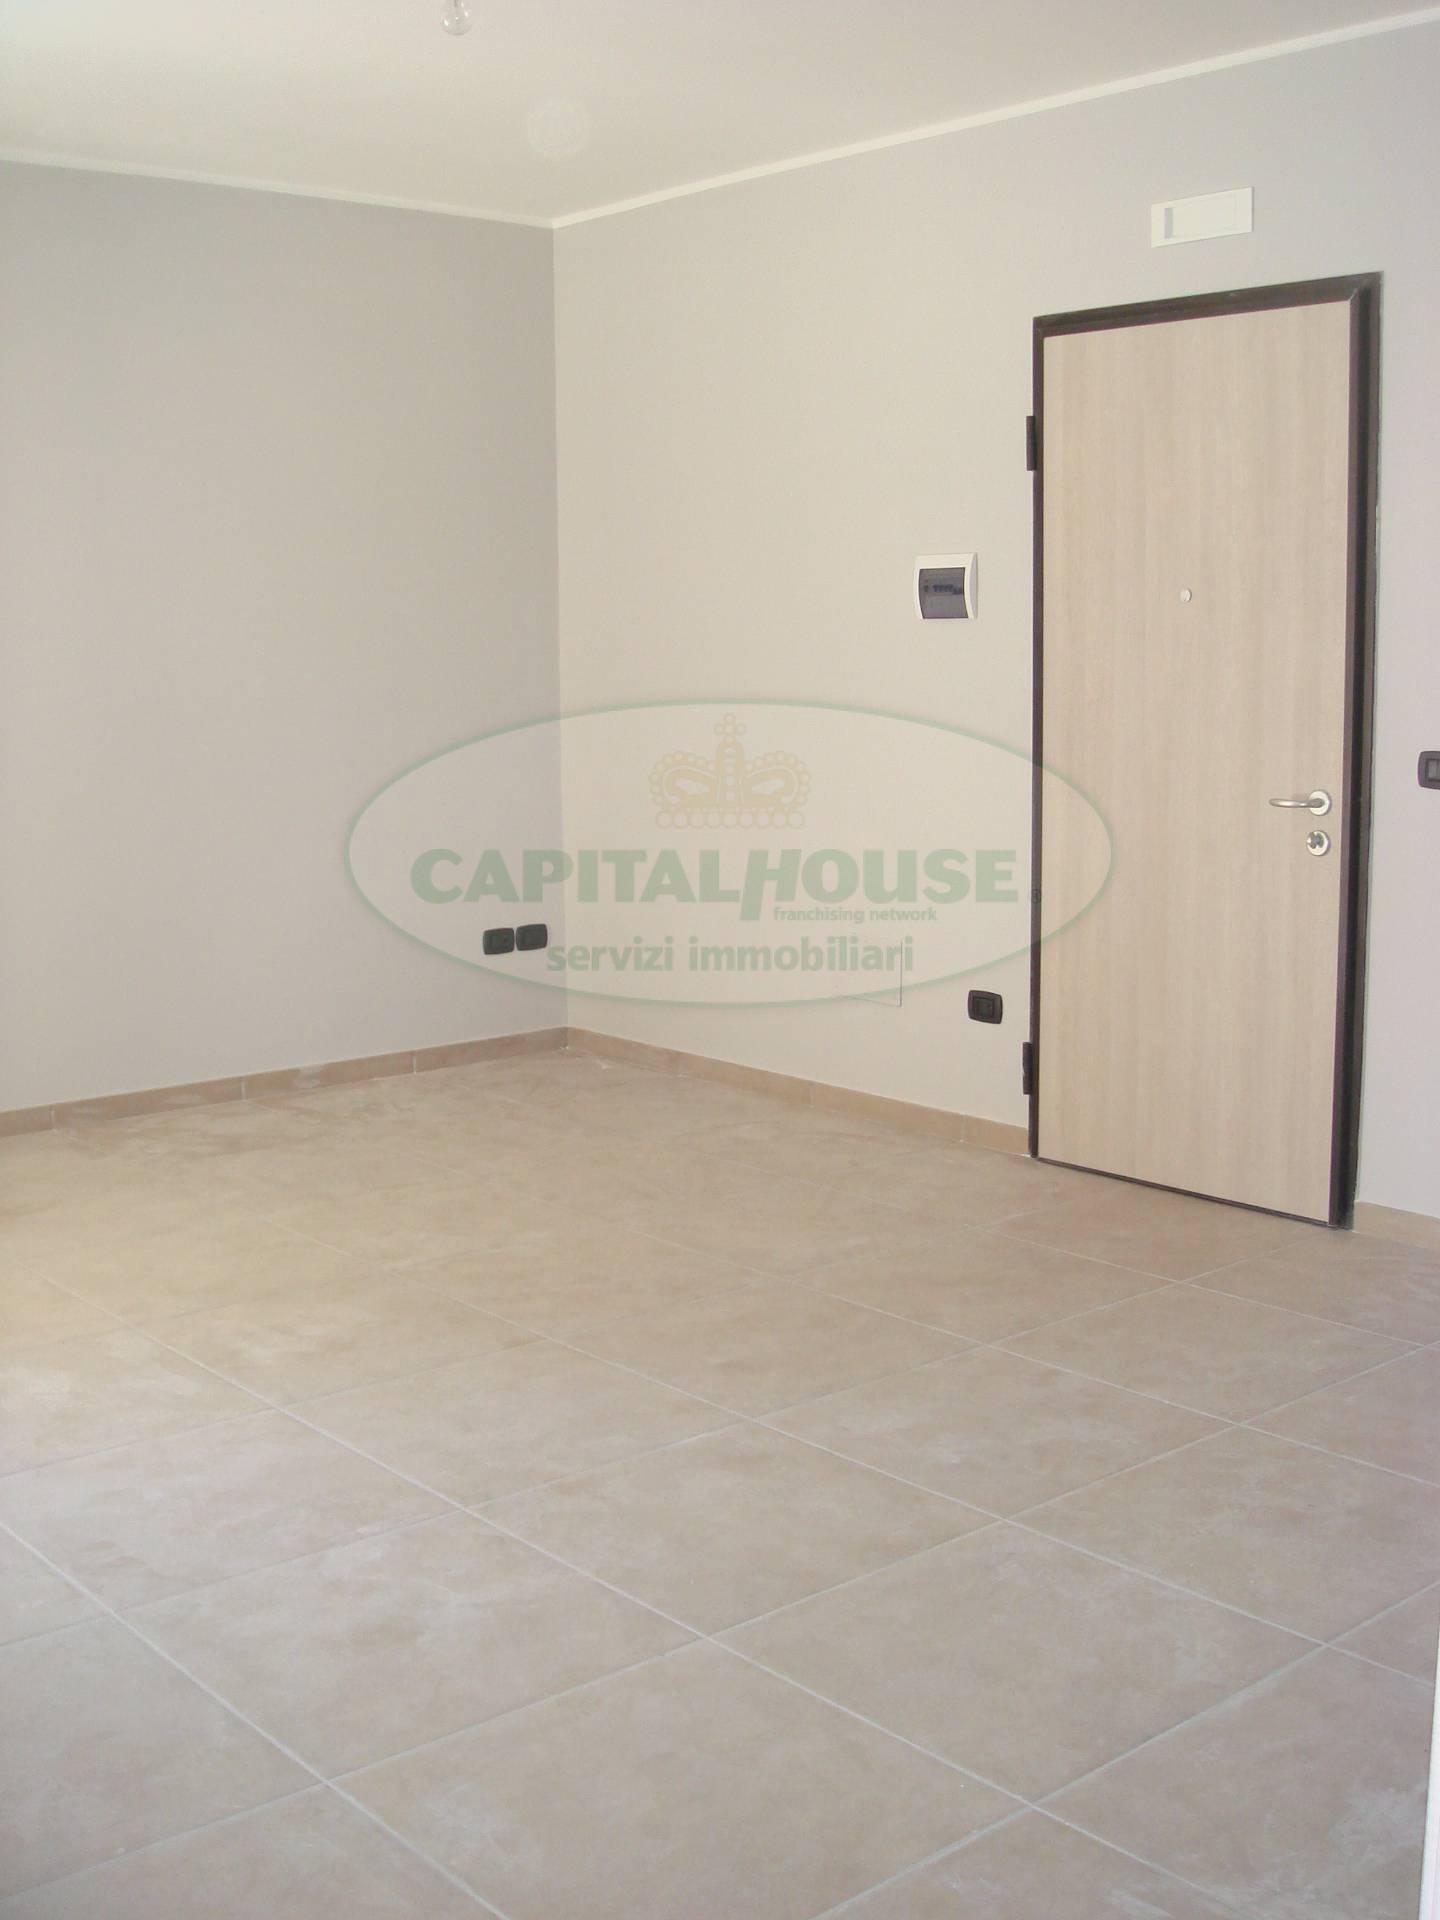 Appartamento in vendita a Curti, 3 locali, prezzo € 153.000 | Cambio Casa.it